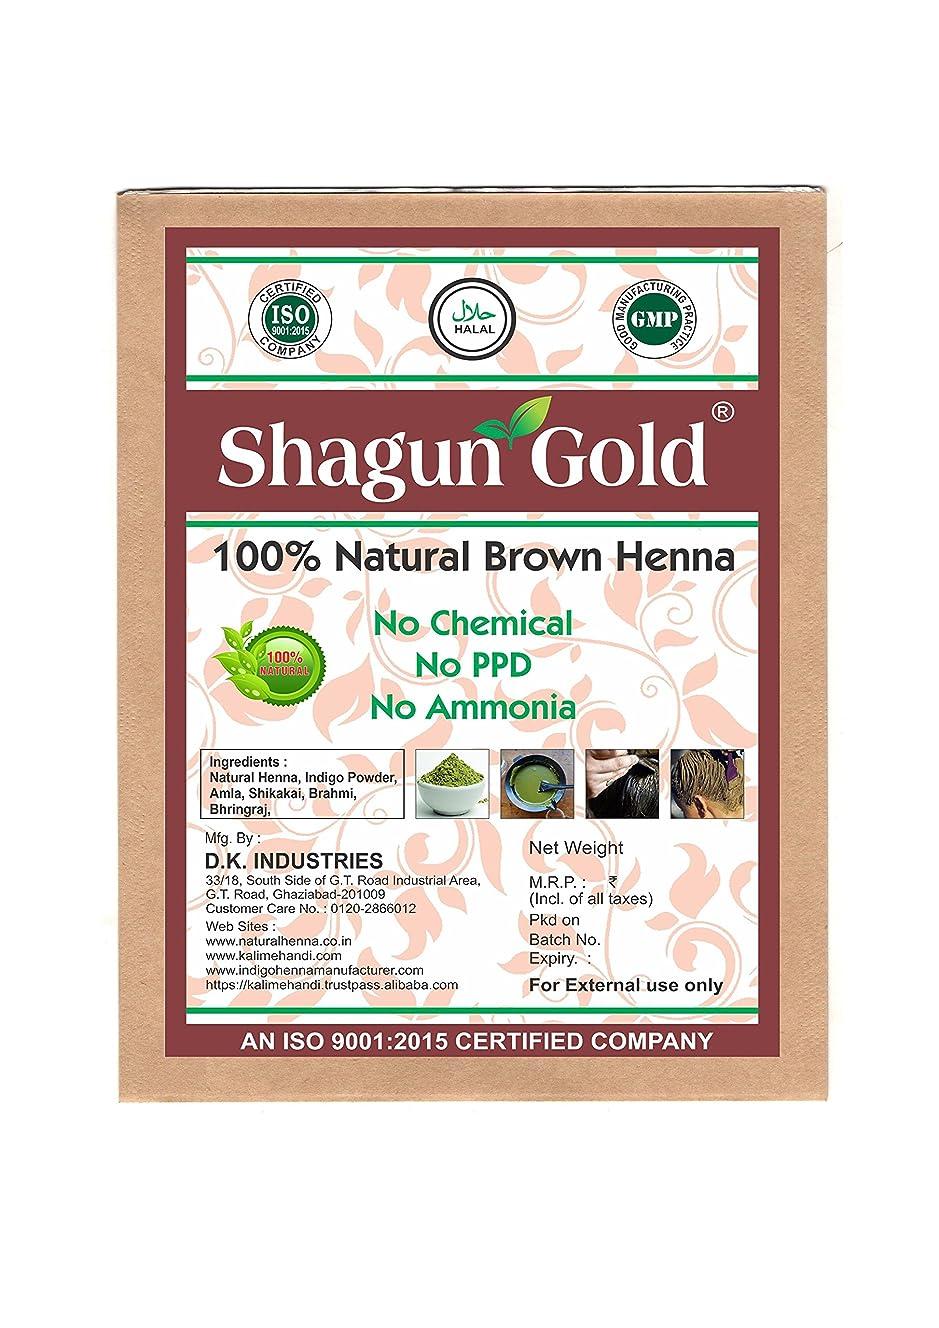 悪党確率放牧するShagun Gold A 100% Natural 100% Natural Natural Black Henna For Hair Certified By Gmp / Halal / ISO-9001-2015 No Ammonia, No PPD, Chemical Free 14 Oz / ( 1 / 2 lb ) / 400g